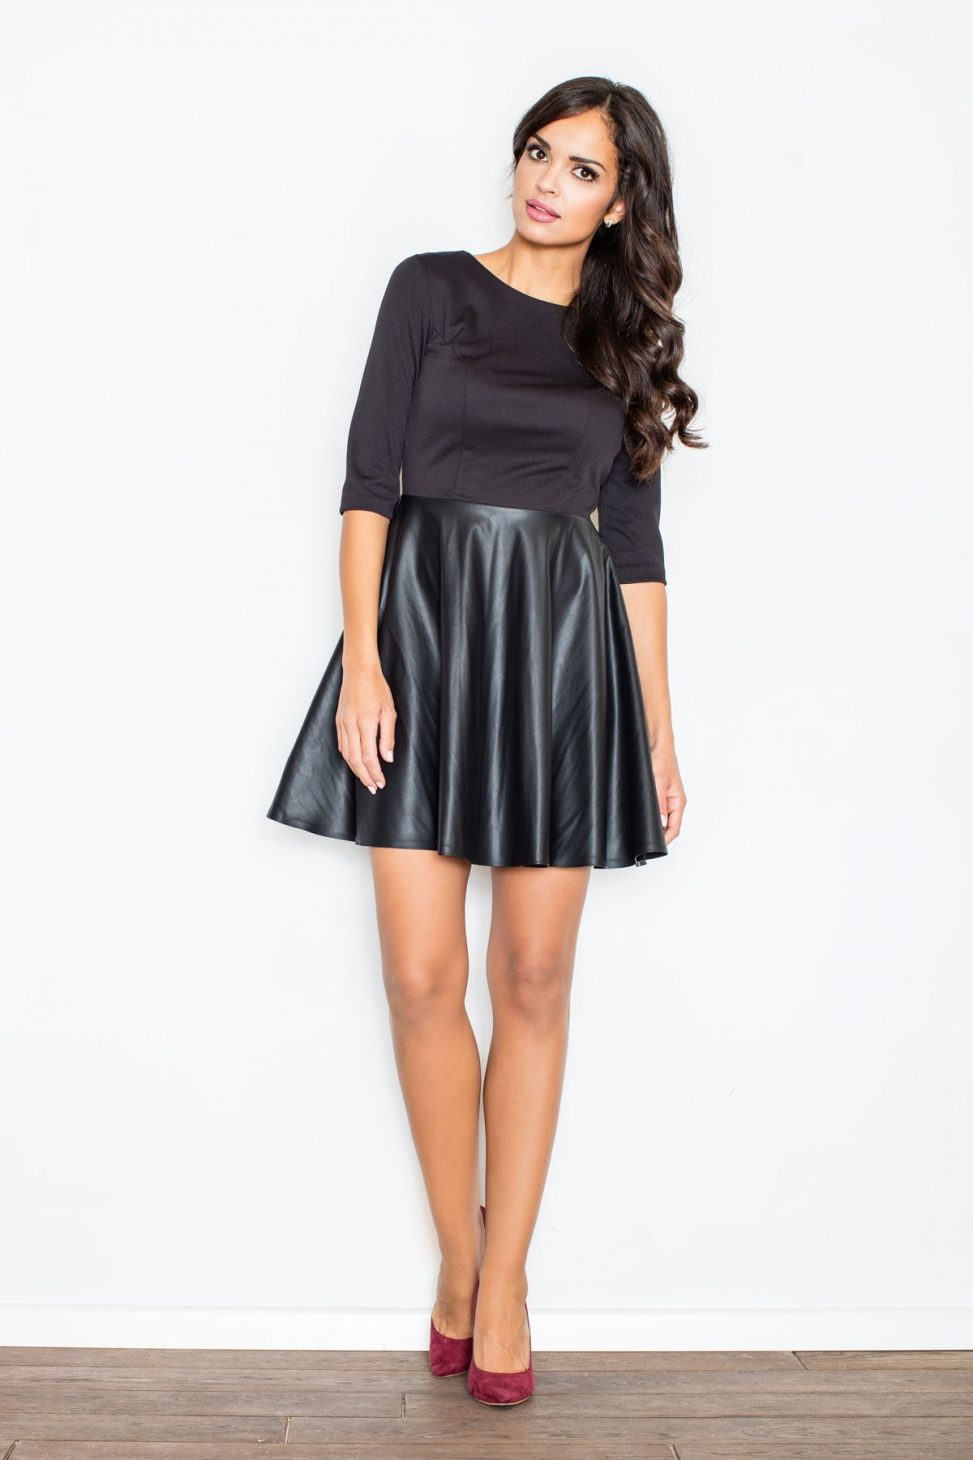 Rozkoszowana Sukienka bluzka ze spódnicą czarna